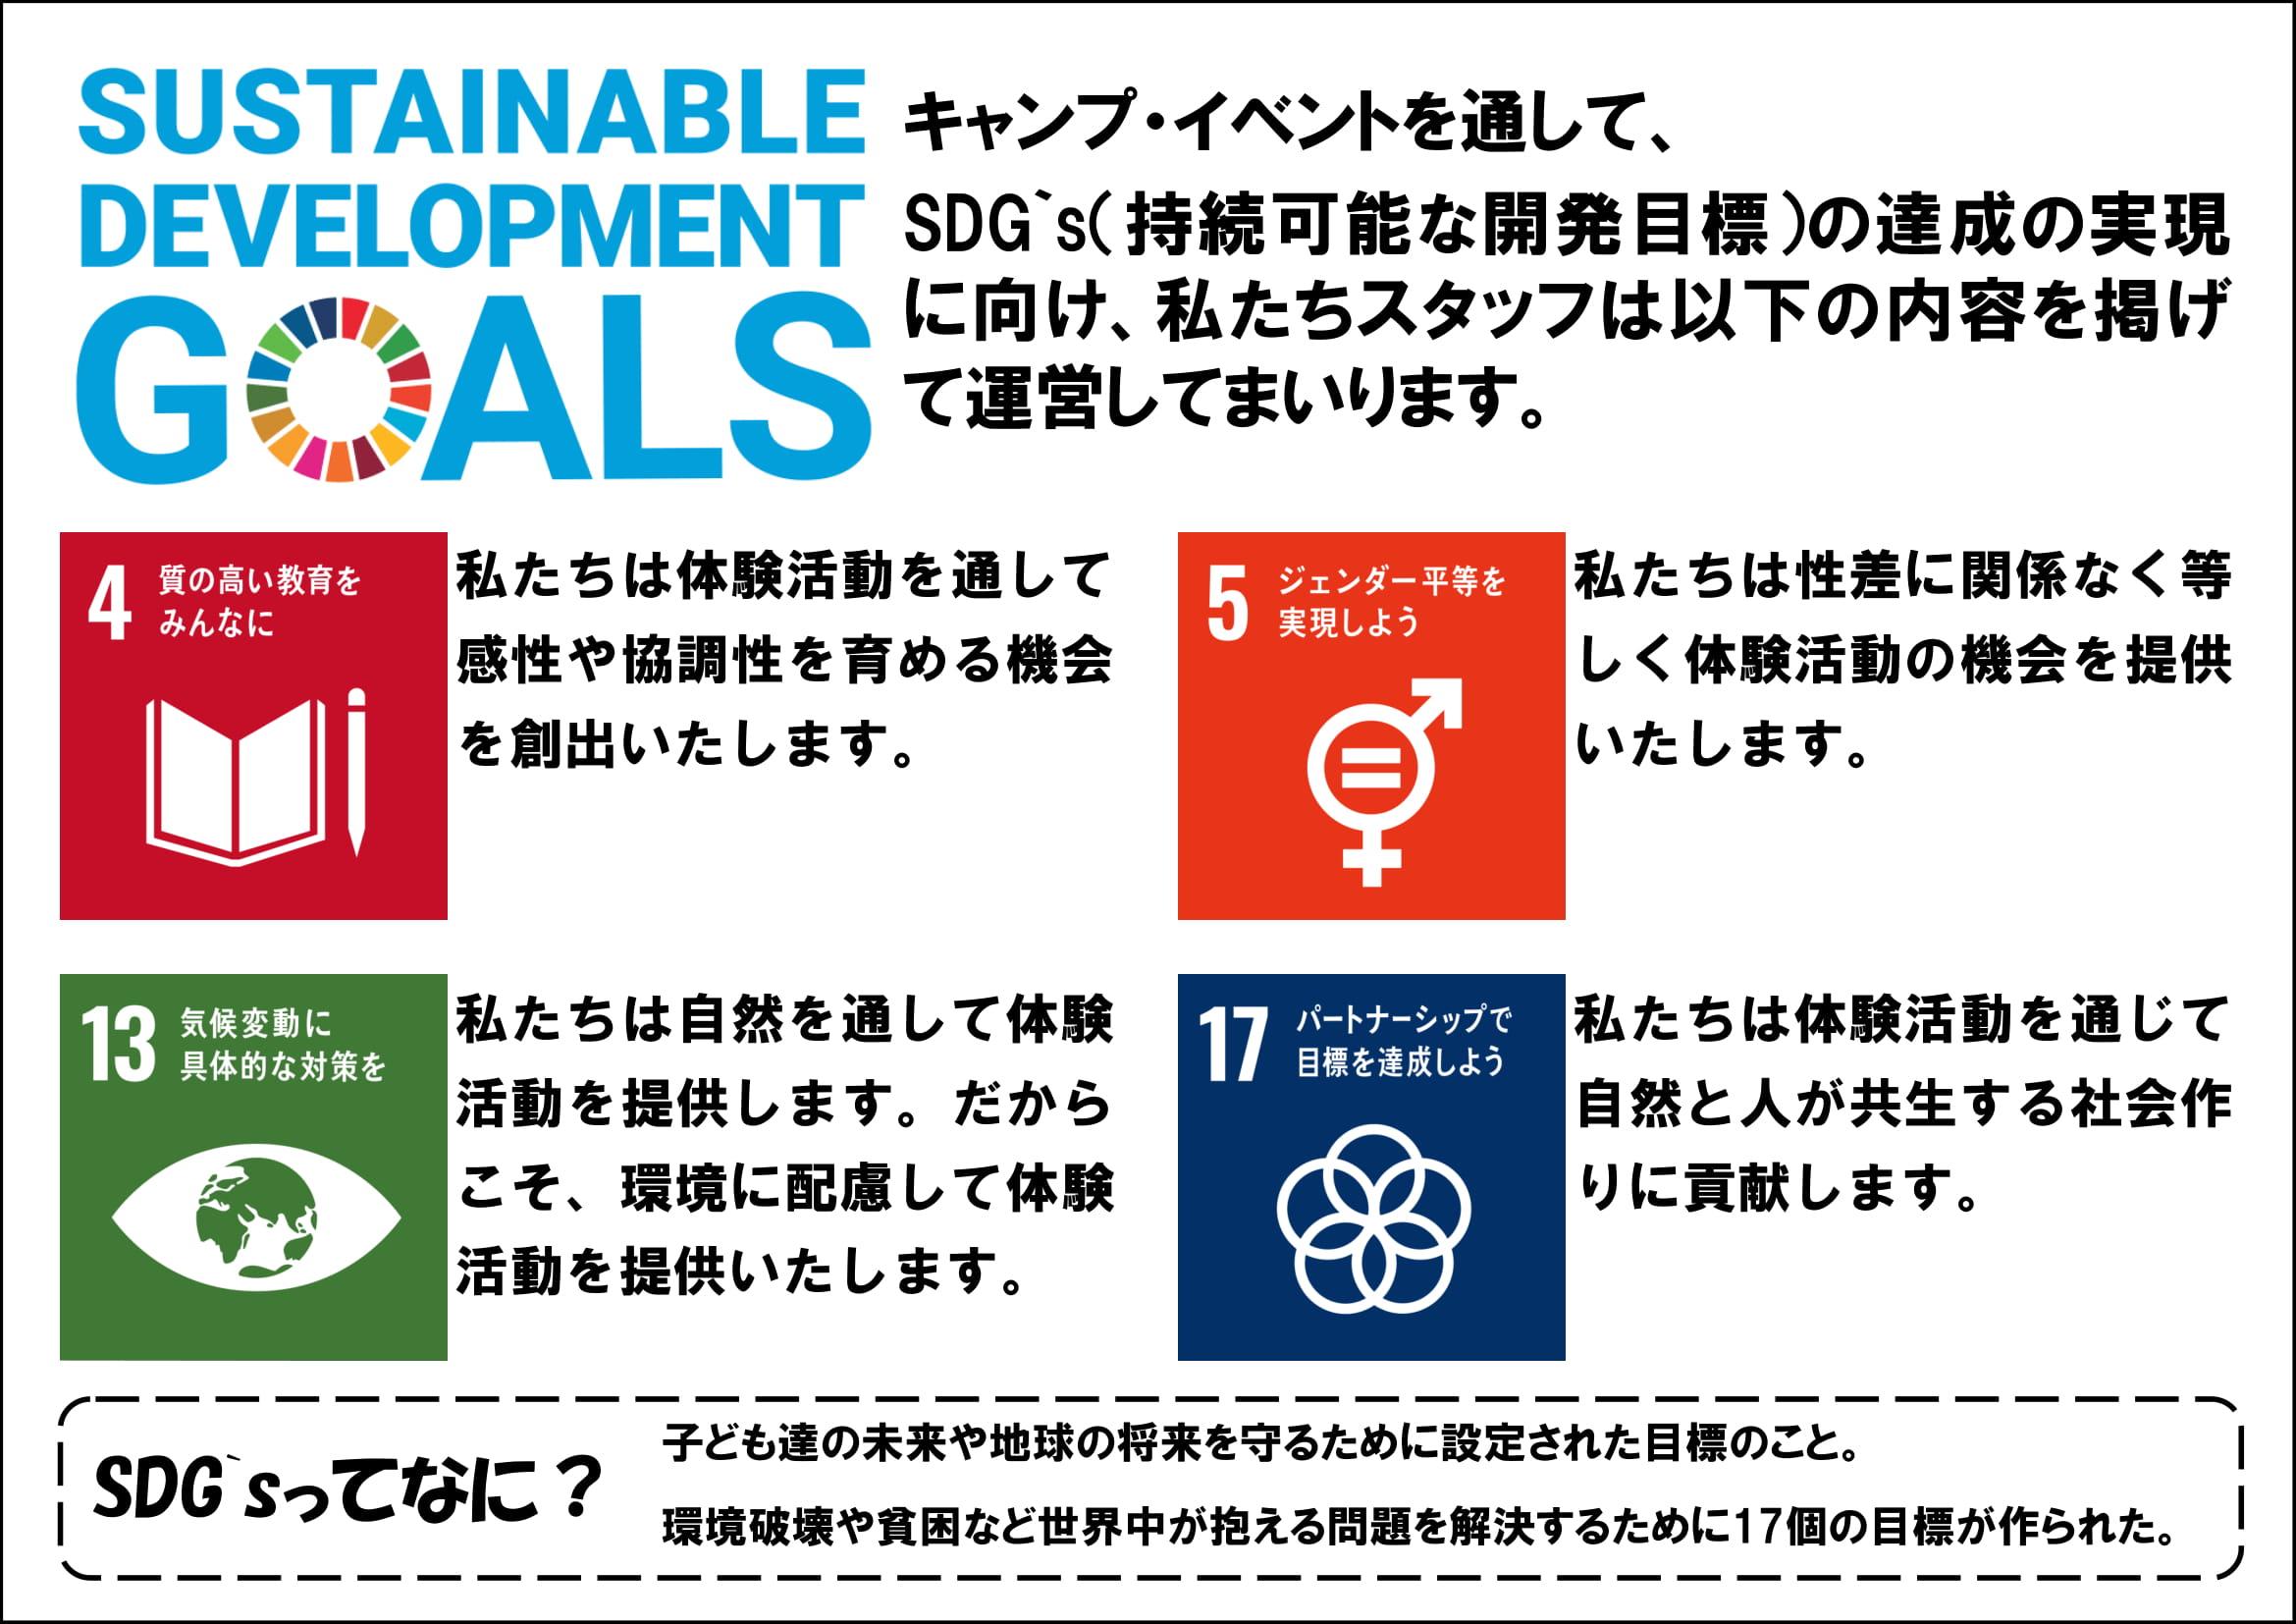 主催事業 SDGs取り組み宣言.jpg